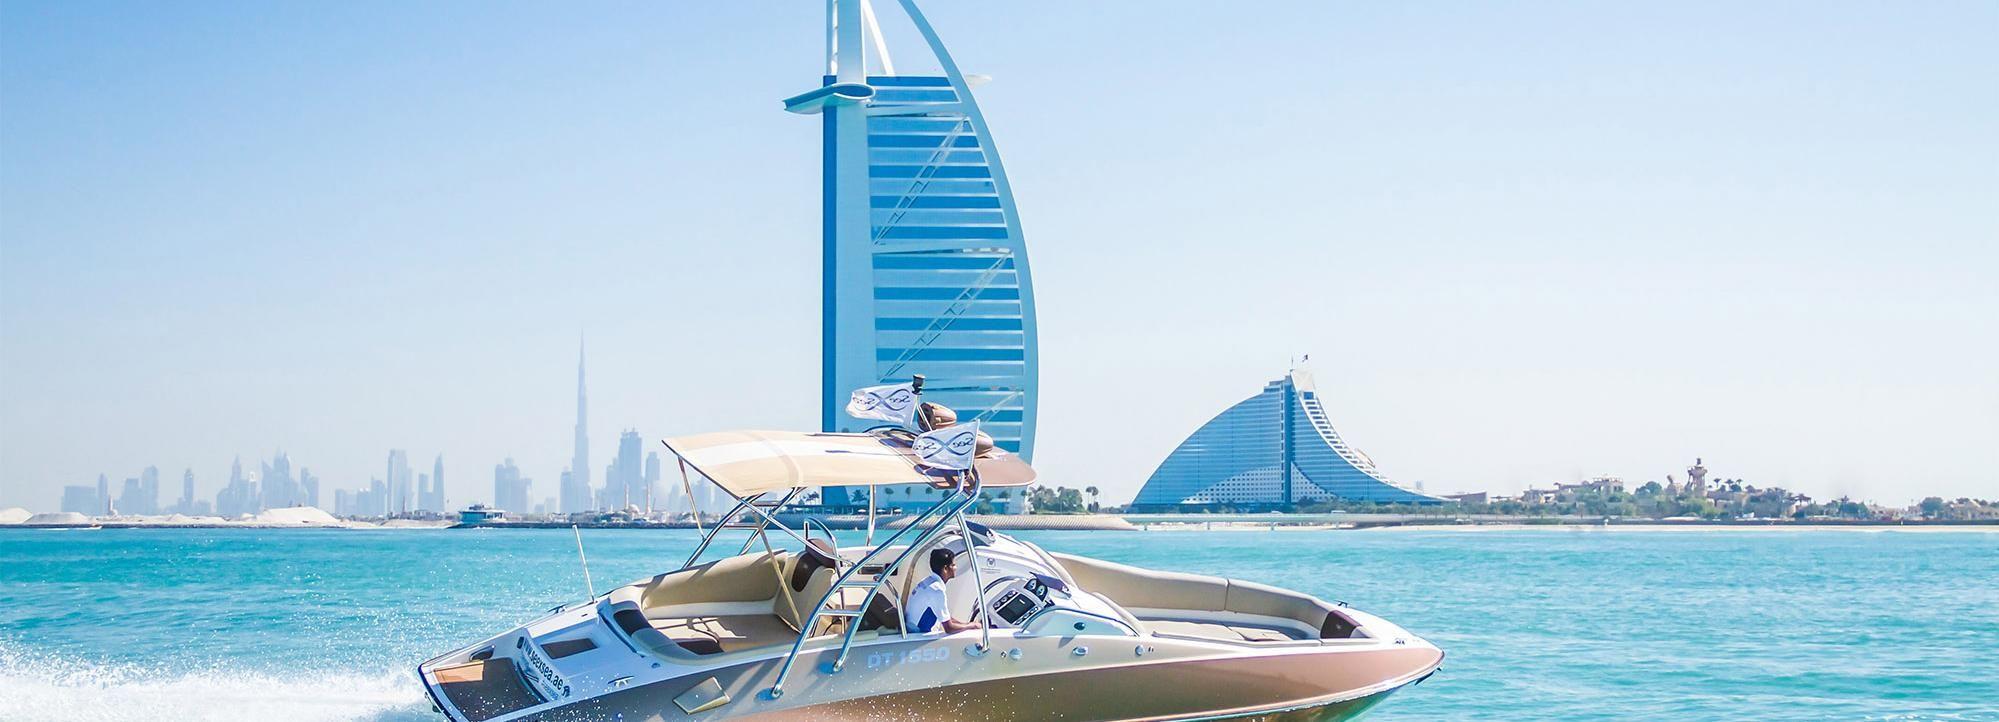 Dubaï: croisière privée dans la marina et Palm Jumeirah